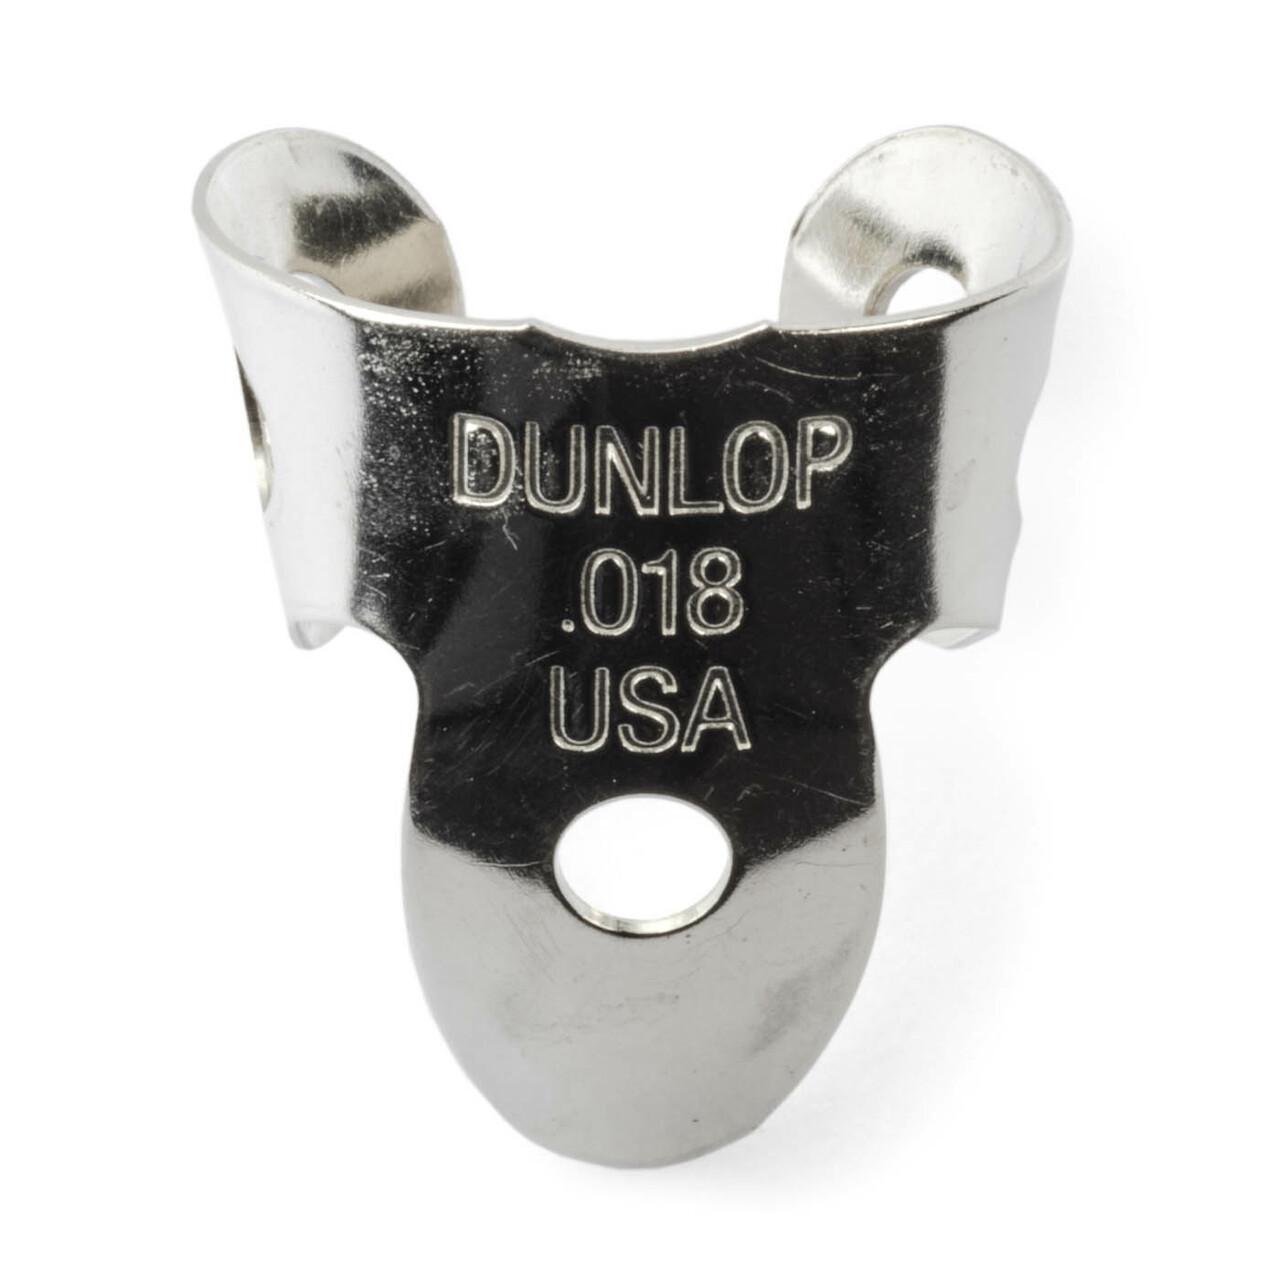 Dunlop Nickel Silver Fingerpicks, .018